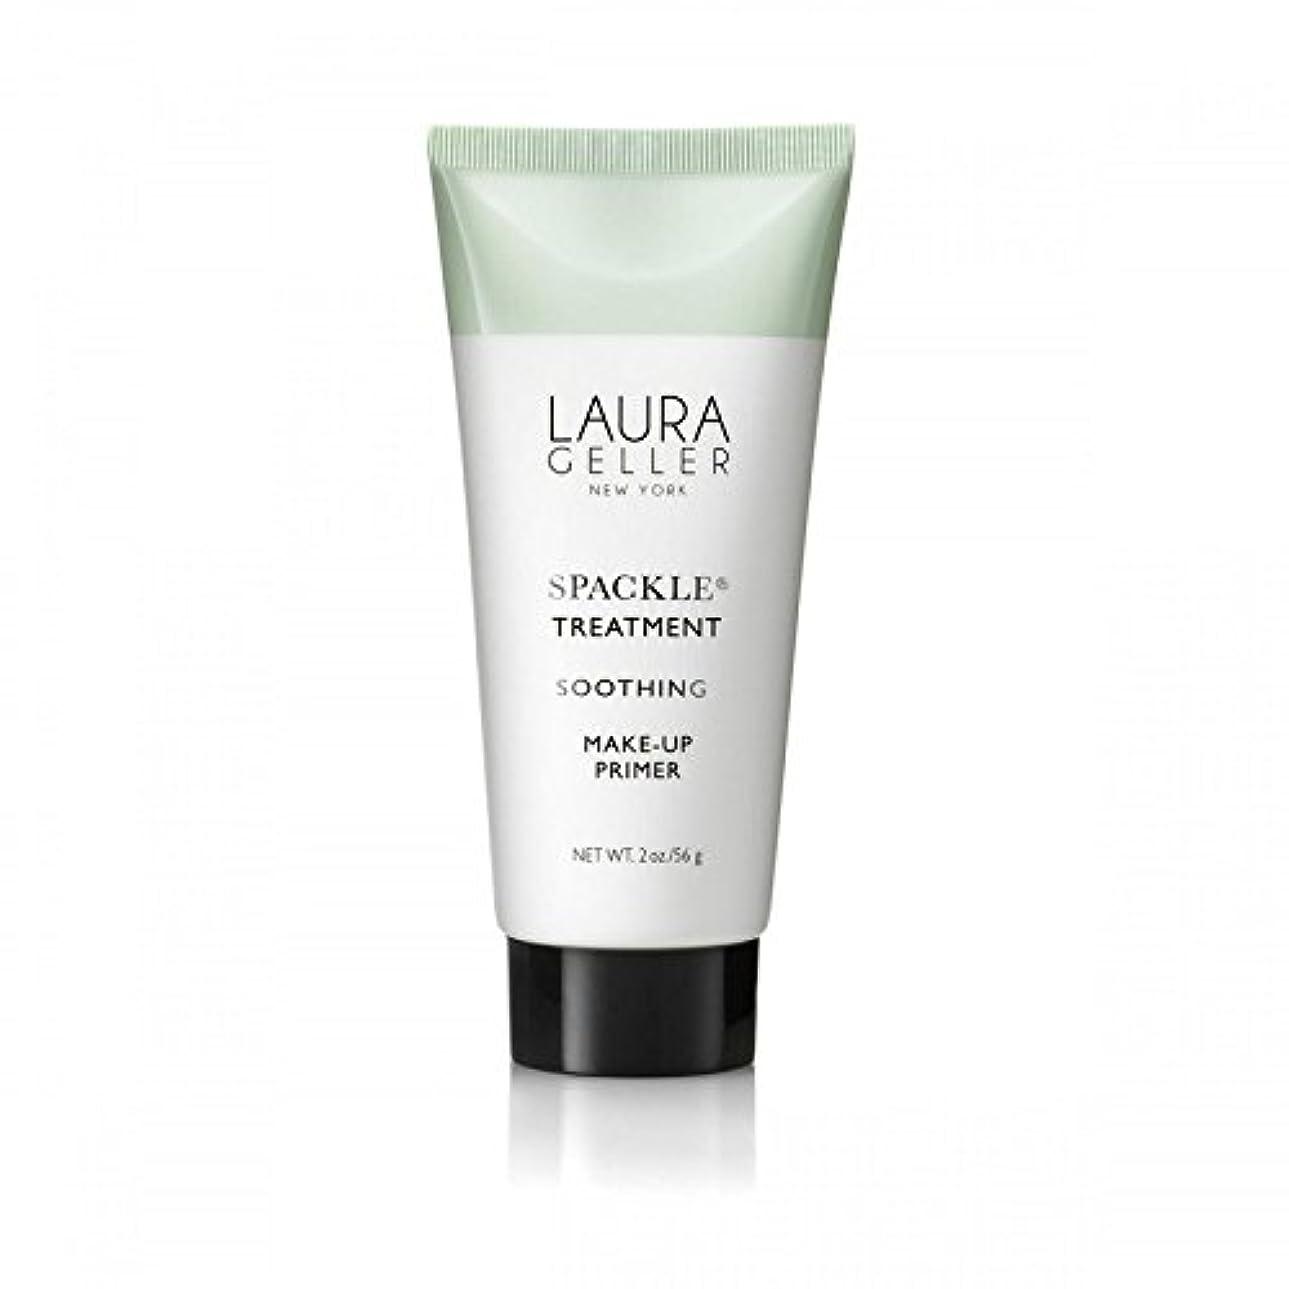 クライマックスヒロイックティッシュLaura Geller Spackle Treatment Under Make-Up Primer Soothing - メイクアッププライマー癒しの下のローラ?ゲラー 処理 [並行輸入品]